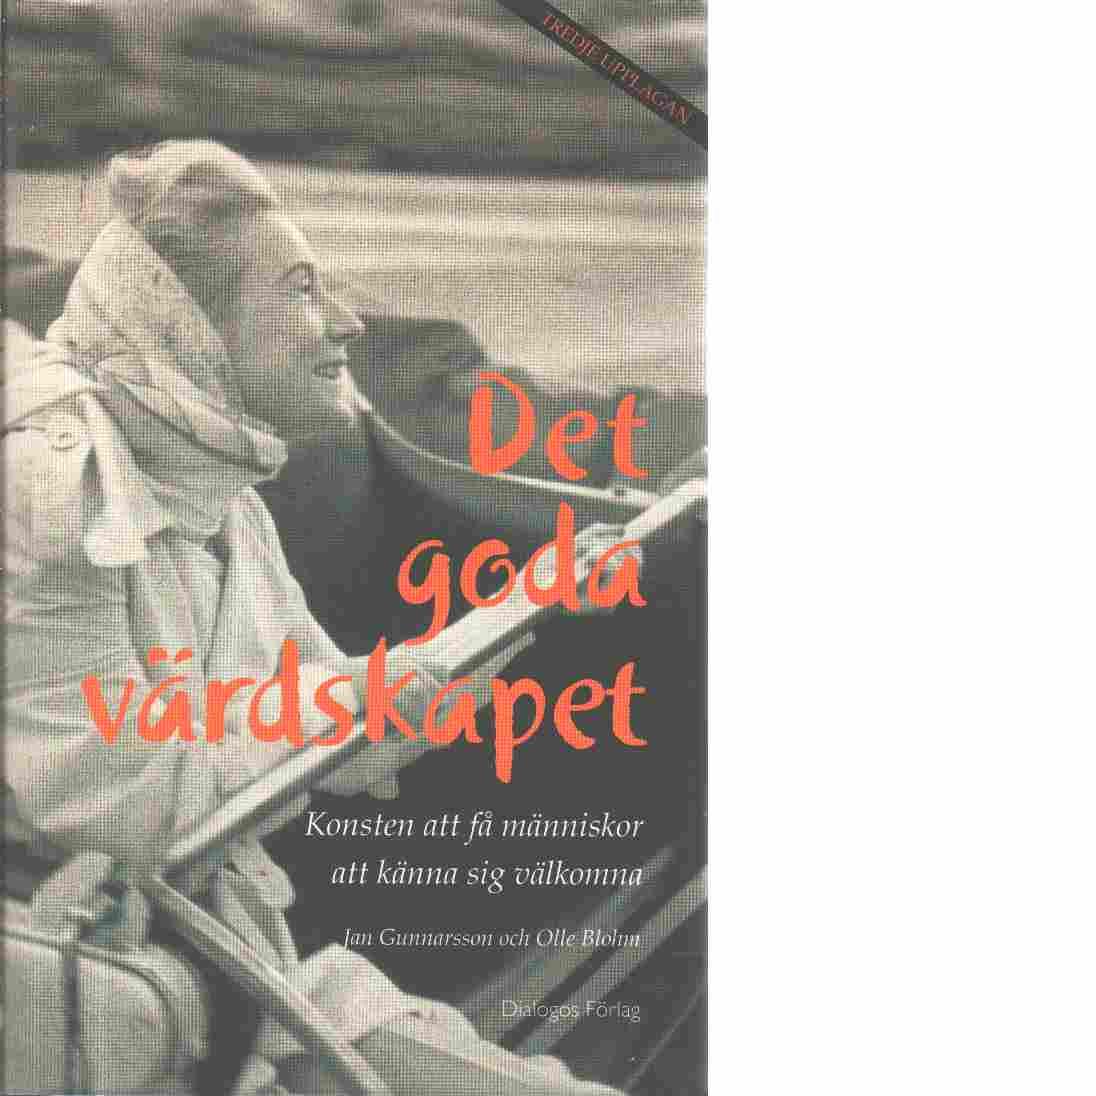 Det goda värdskapet : konsten att få människor att känna sig välkomna - Gunnarsson, Jan och Blohm, Olle